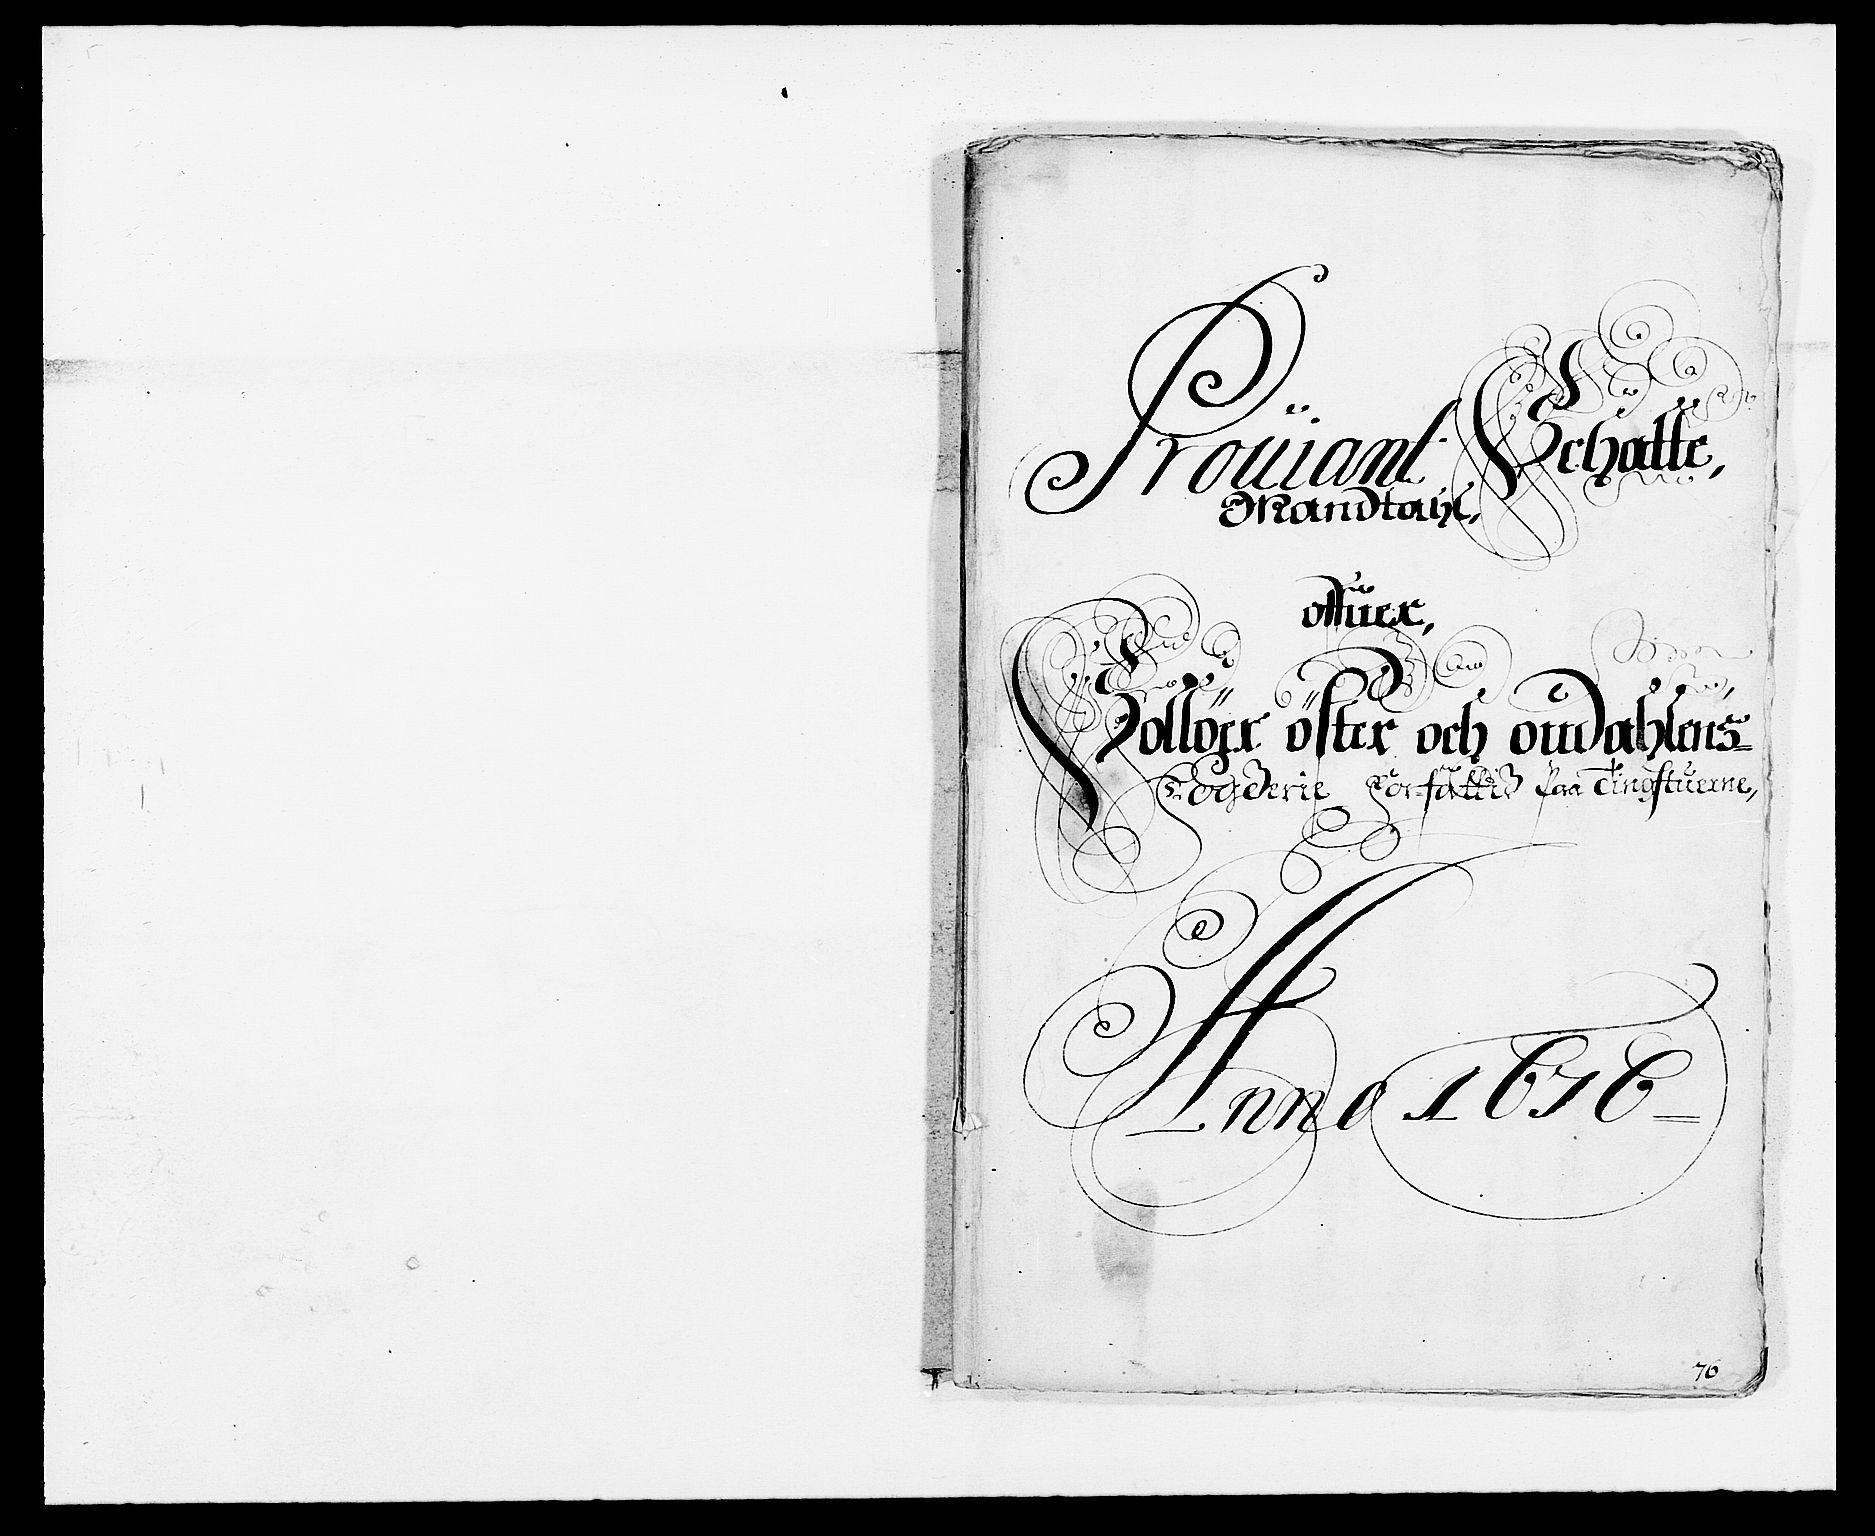 RA, Rentekammeret inntil 1814, Reviderte regnskaper, Fogderegnskap, R13/L0812: Fogderegnskap Solør, Odal og Østerdal, 1676, s. 69